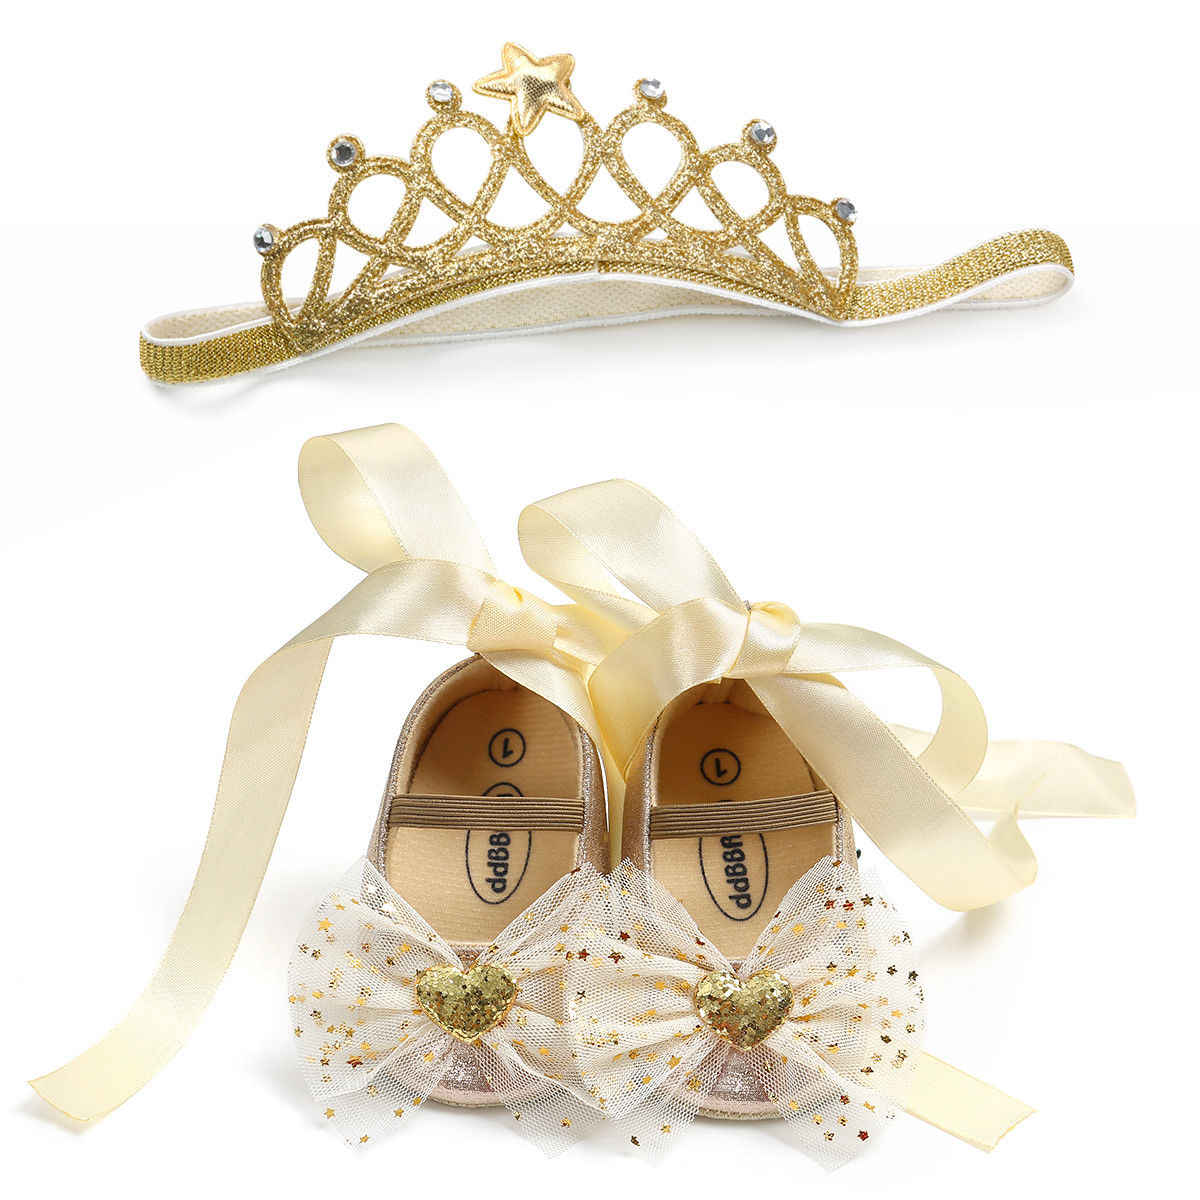 Emmababy รองเท้าผ้าใบเด็กผู้หญิง Bowknot Sequins 2018 Casual Anti-SLIP รองเท้าผ้าใบนุ่มรองเท้า + แถบคาดศีรษะเจ้าหญิงรองเท้า